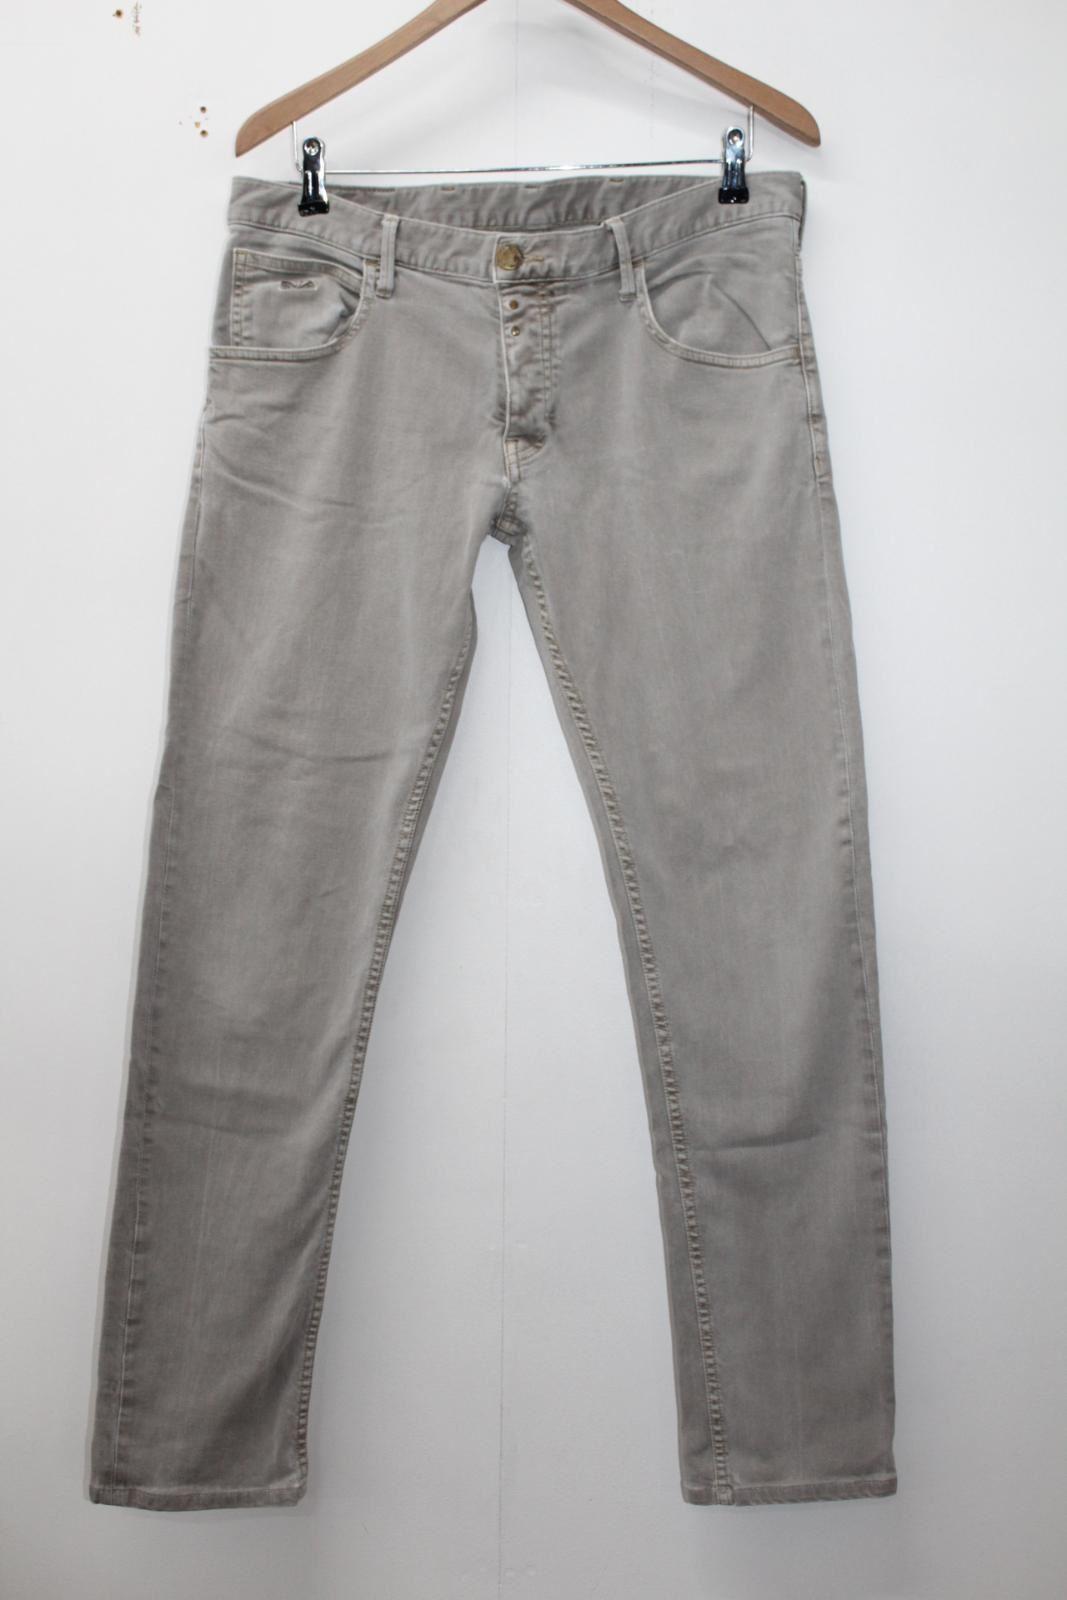 db117c45 EMPORIO ARMANI JEANS Men's Beige Cotton Blend Johnny Slim Fit Jeans ...